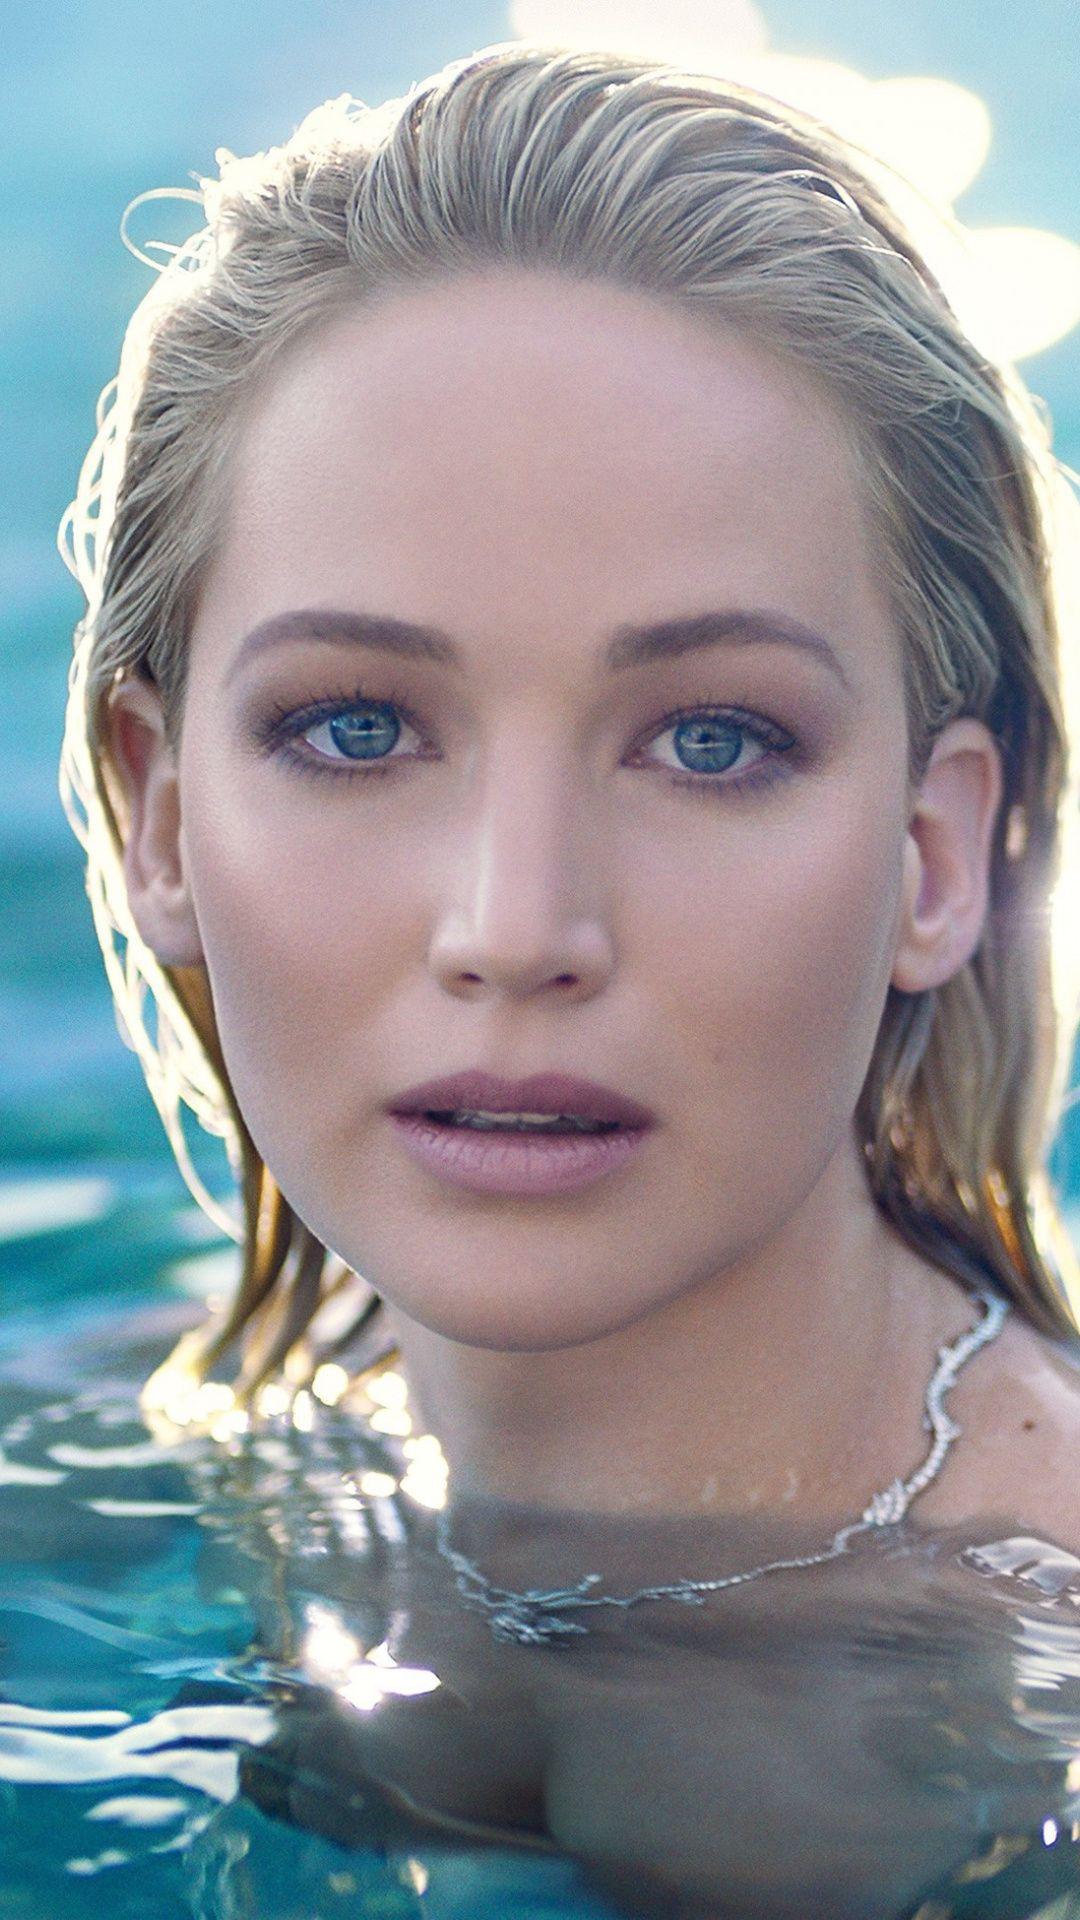 Blue Eyes Swimming Beautiful Jennifer Lawrence 1080x1920 Wallpaper Jennifer Lawrence Pics Jennifer Lawrence Photos Jennifer Lawrence